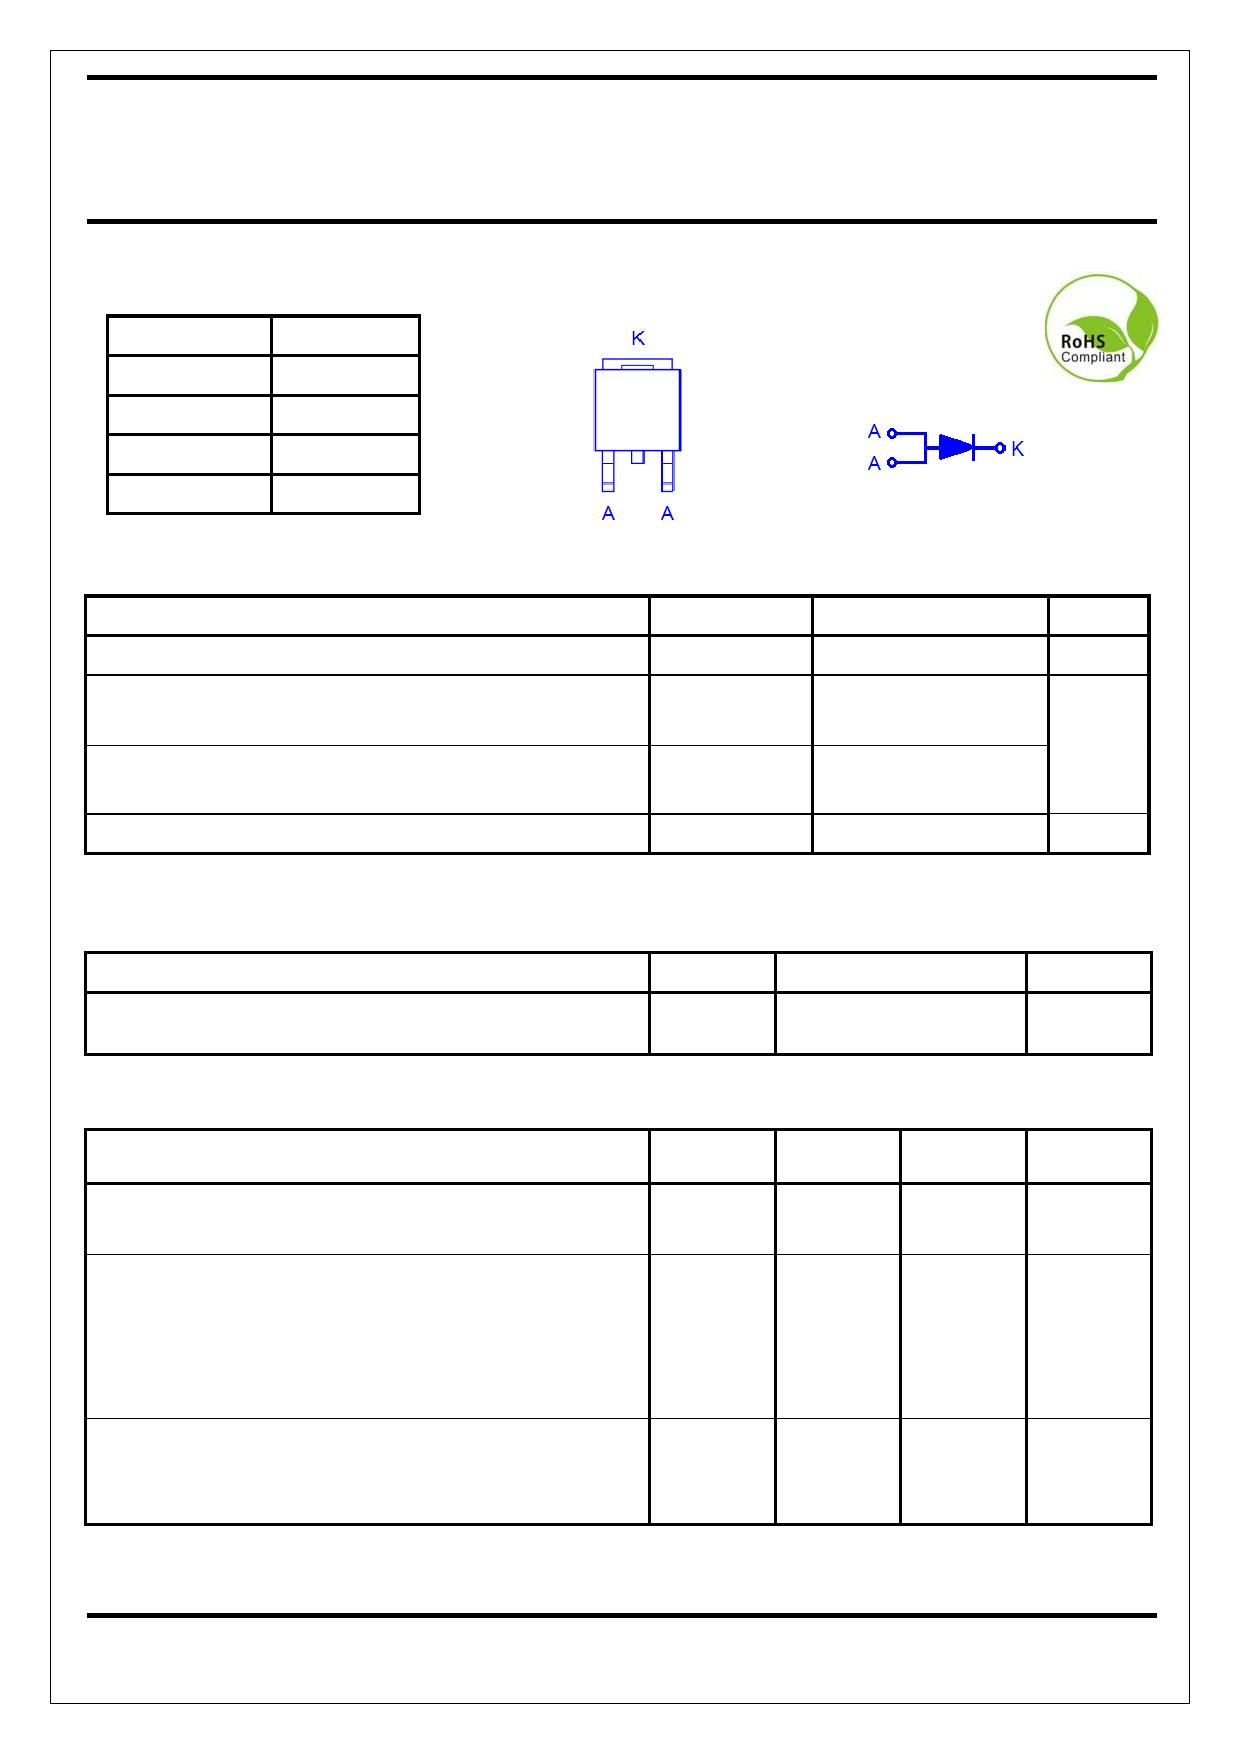 D1010ADT datasheet